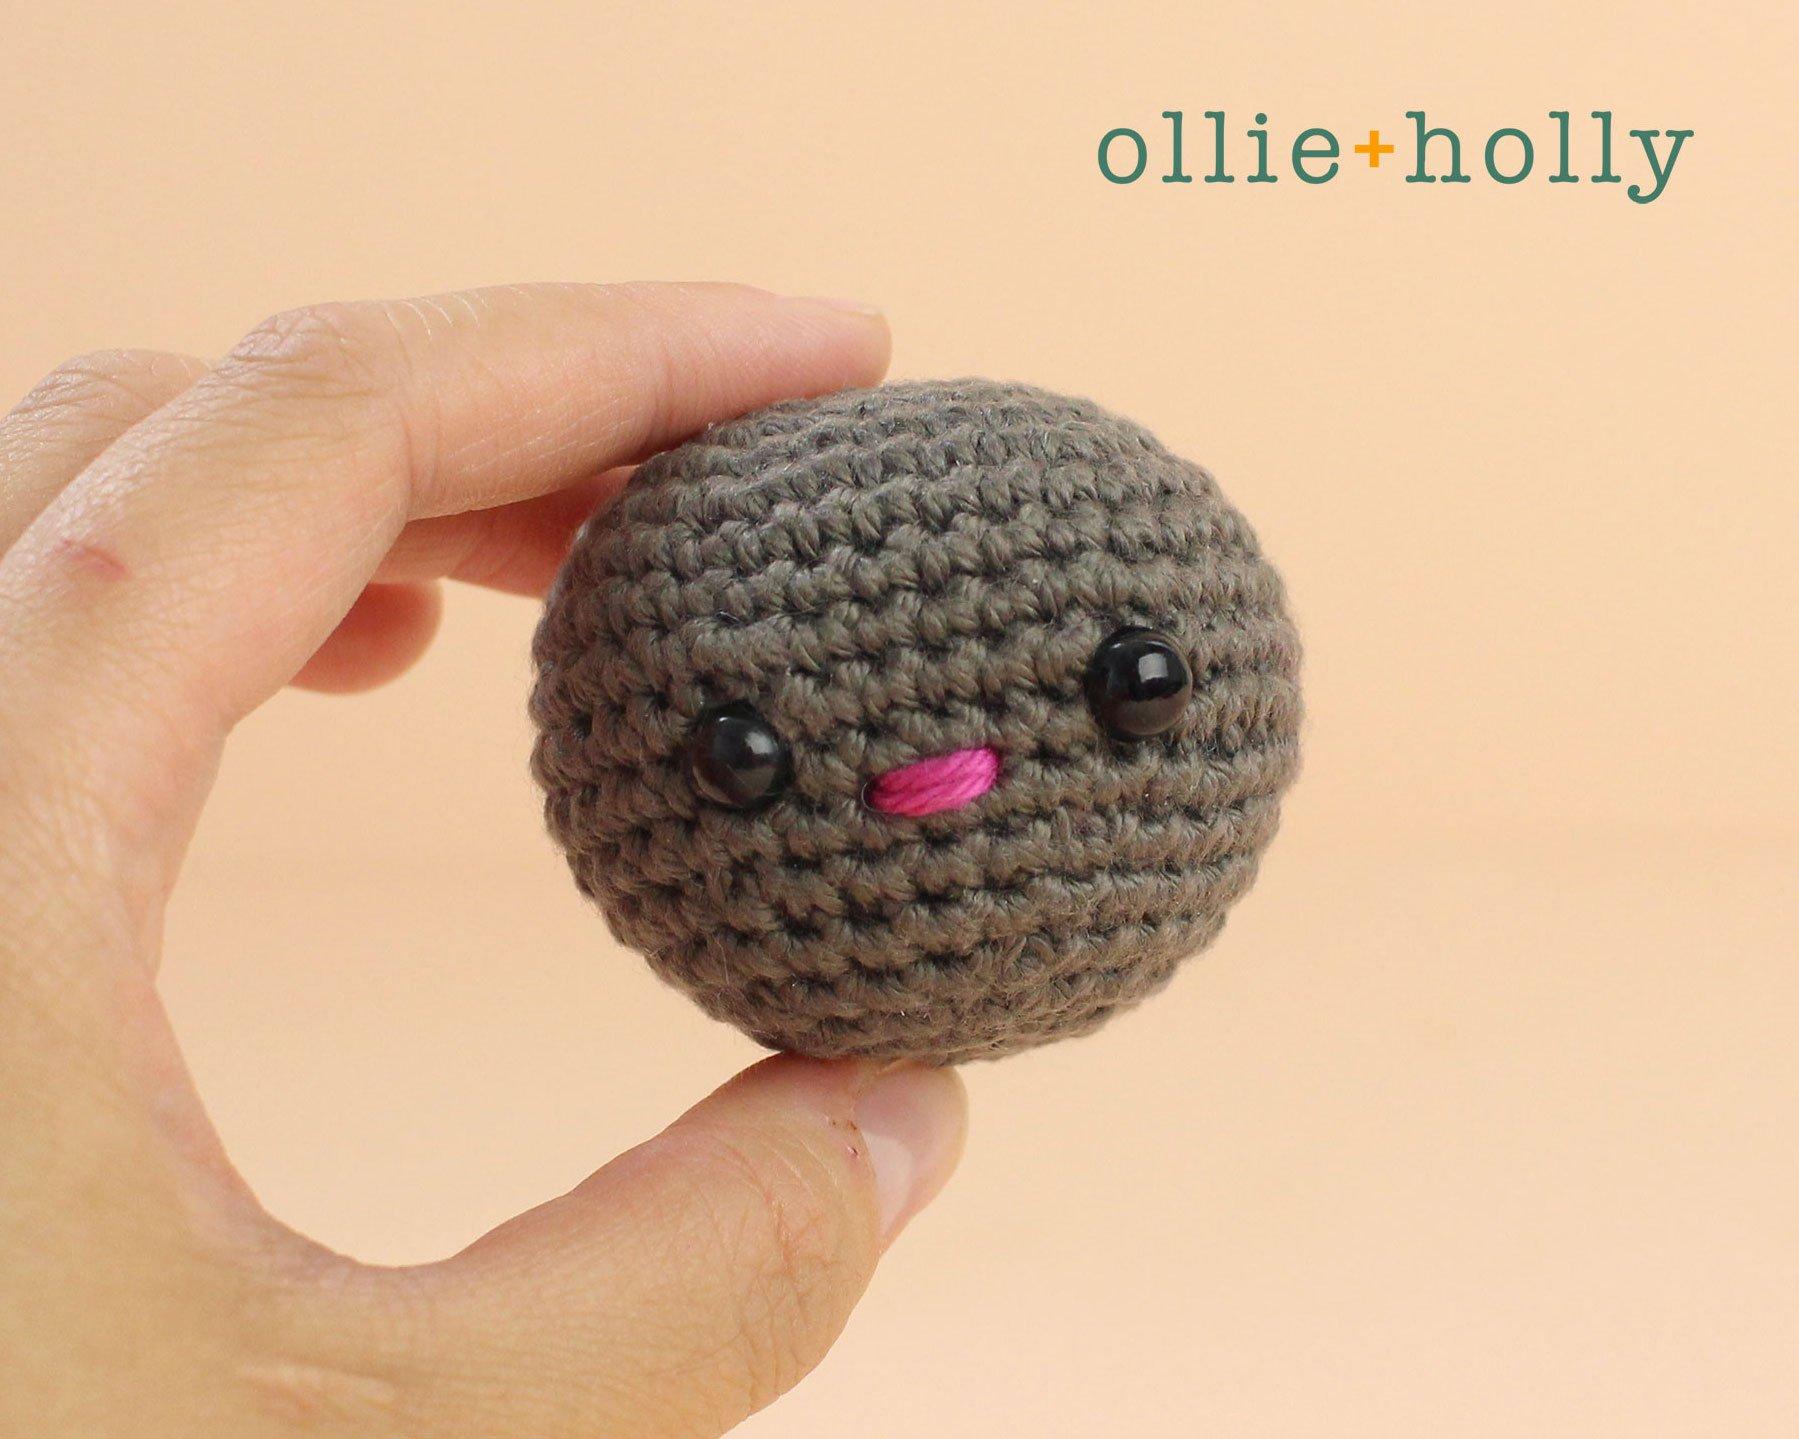 Free Halloween Bat Ornament Amigurumi Crochet Pattern Step 1